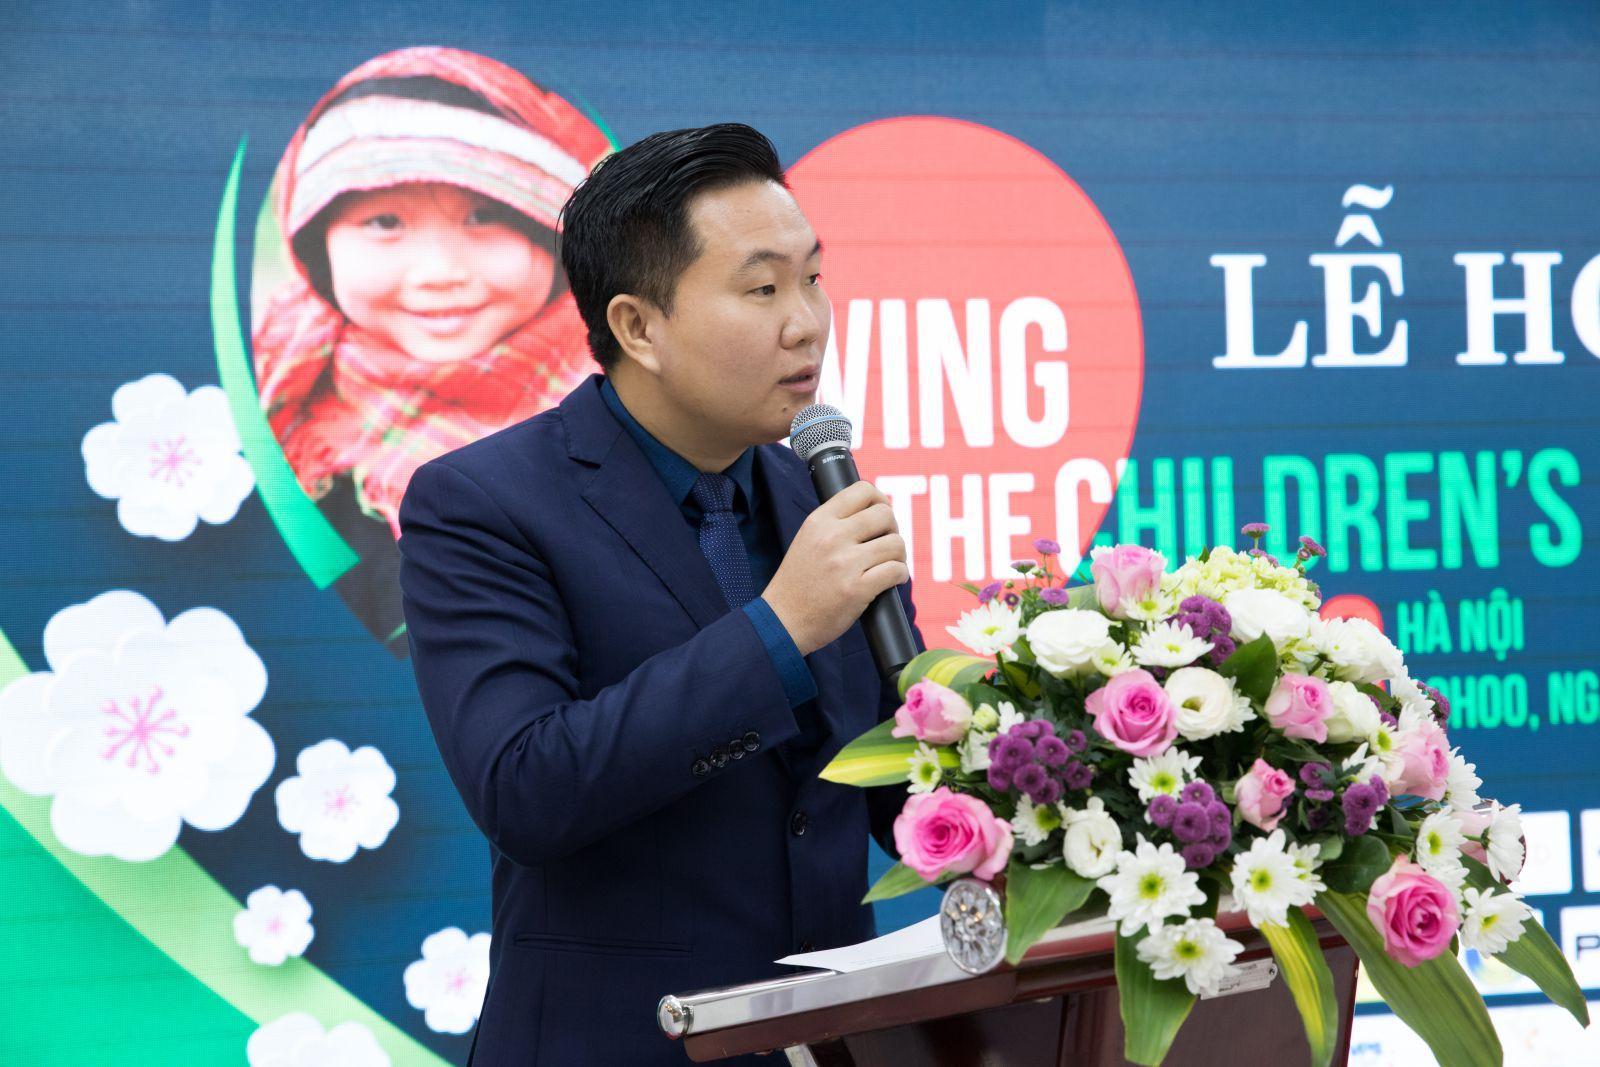 SWING FOR THE CHILDREN'S TET 2018 - Món quà đặc biệt cho trẻ em nghèo